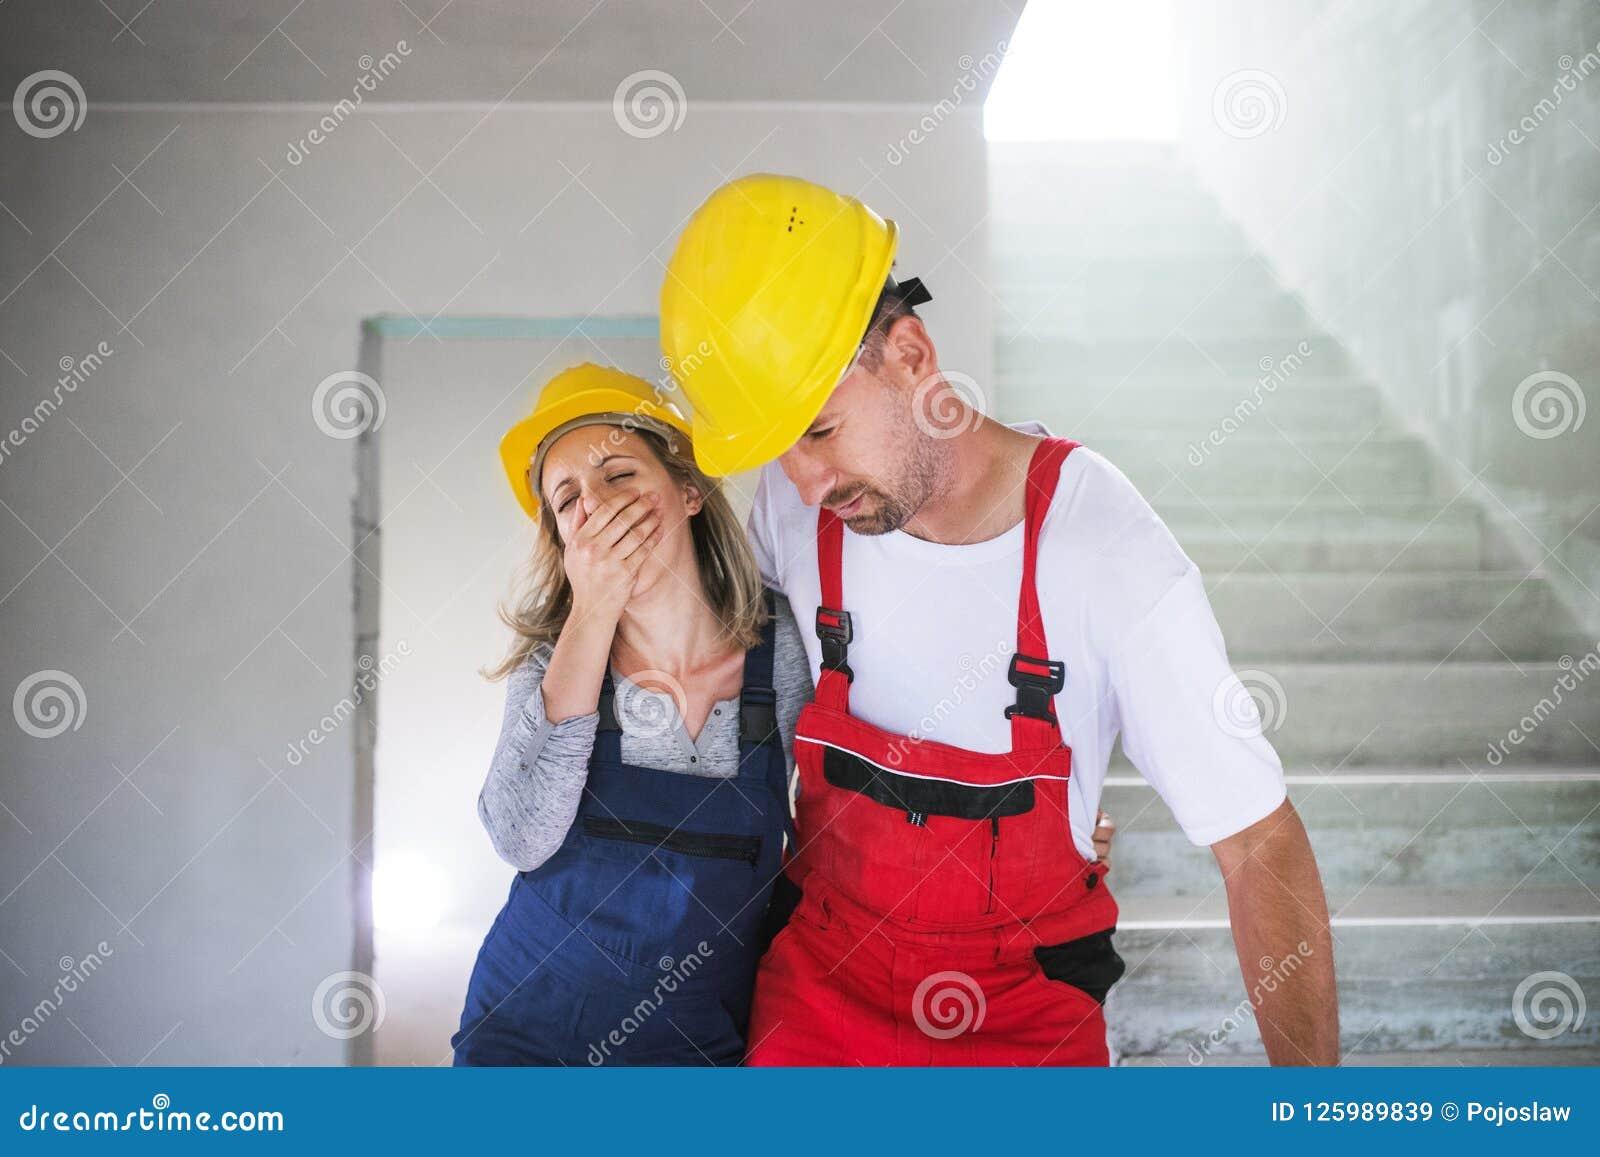 Trabajadores De La Mujer Y Del Hombre Que Sofocan En El Emplazamiento De La Obra Imagen De Archivo Imagen De Hombre Sofocan 125989839